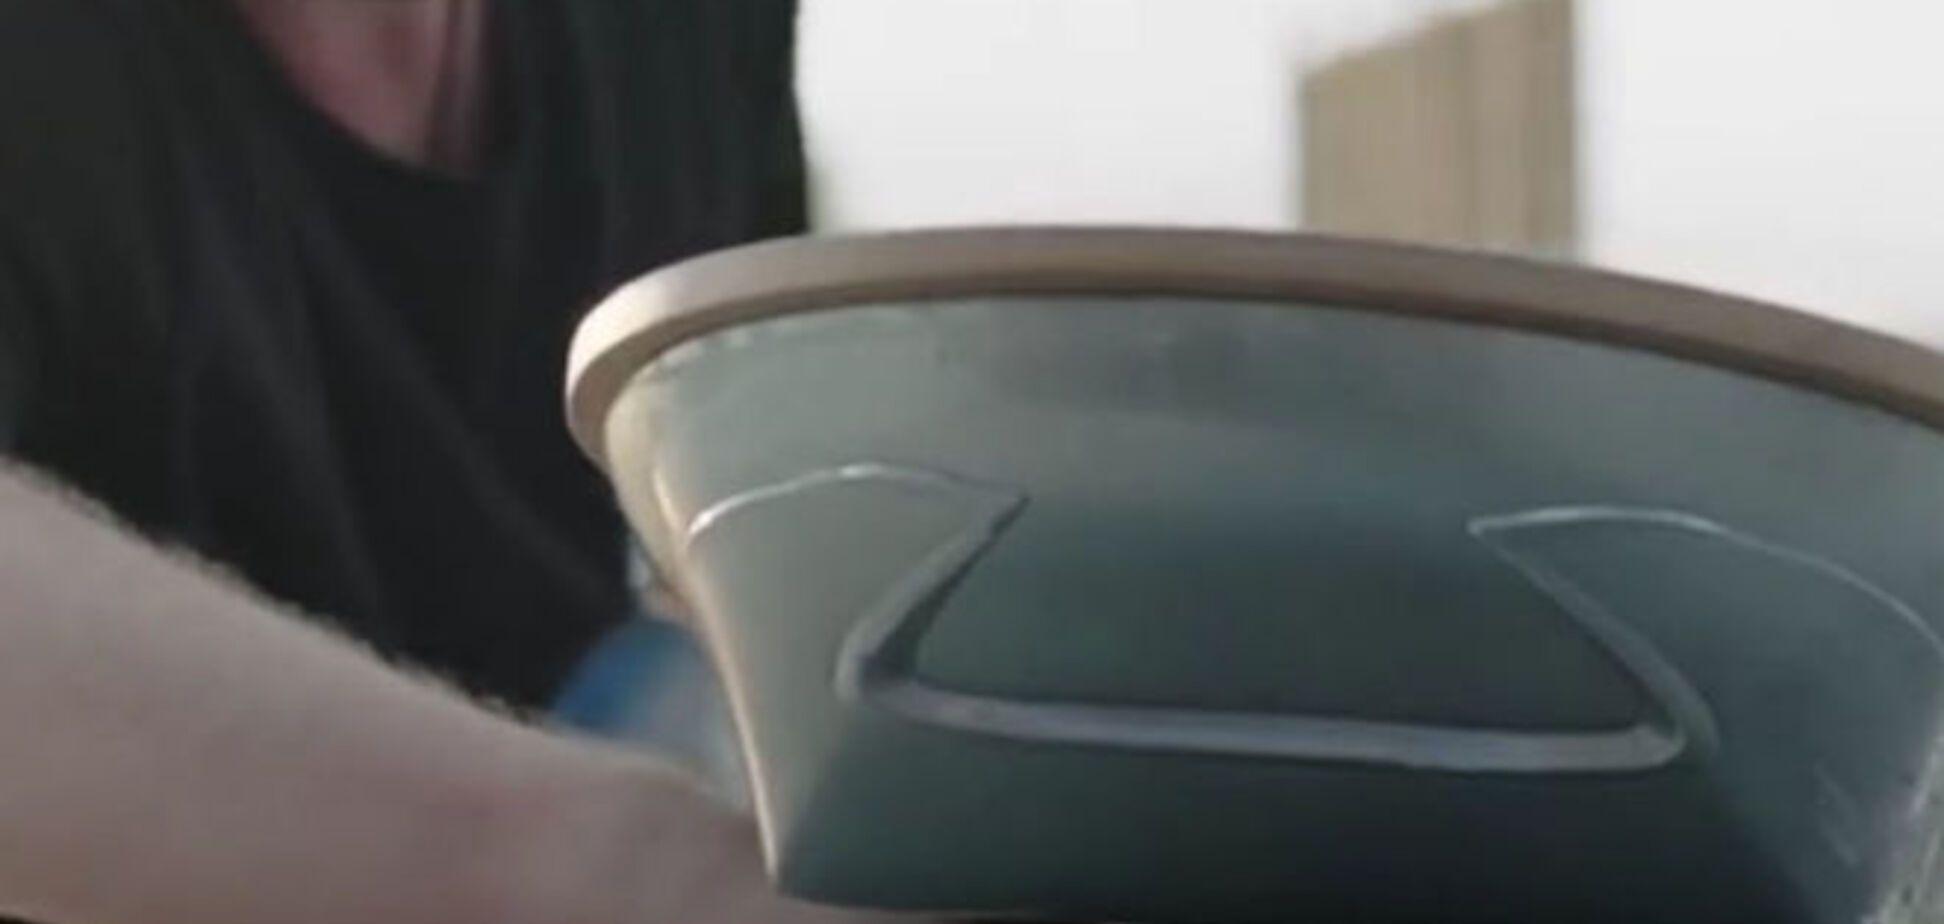 Ховерборд від Lexus дійсно літає: відео випробувань